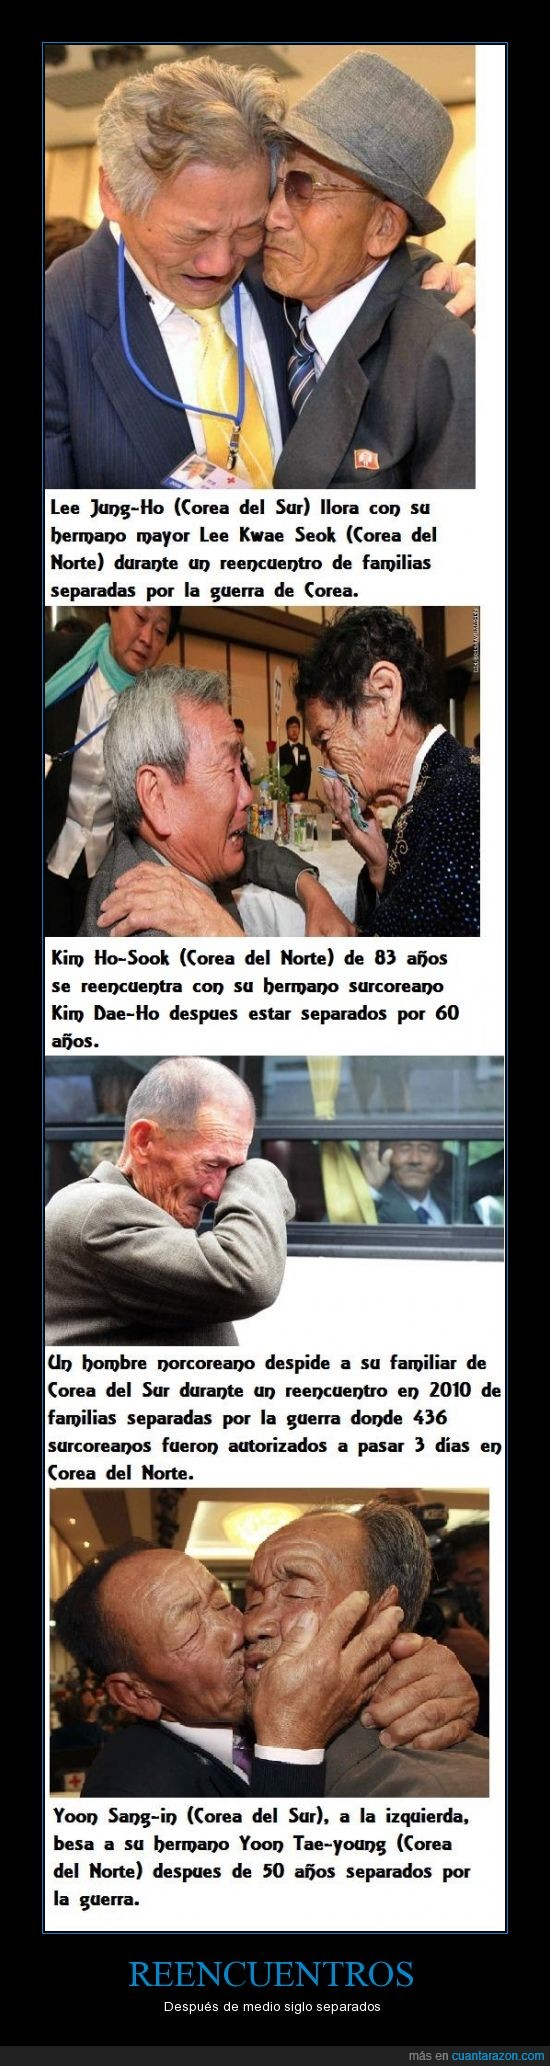 corea,corea del norte,corea del sur,familia,guerra. 60 años,hermanos